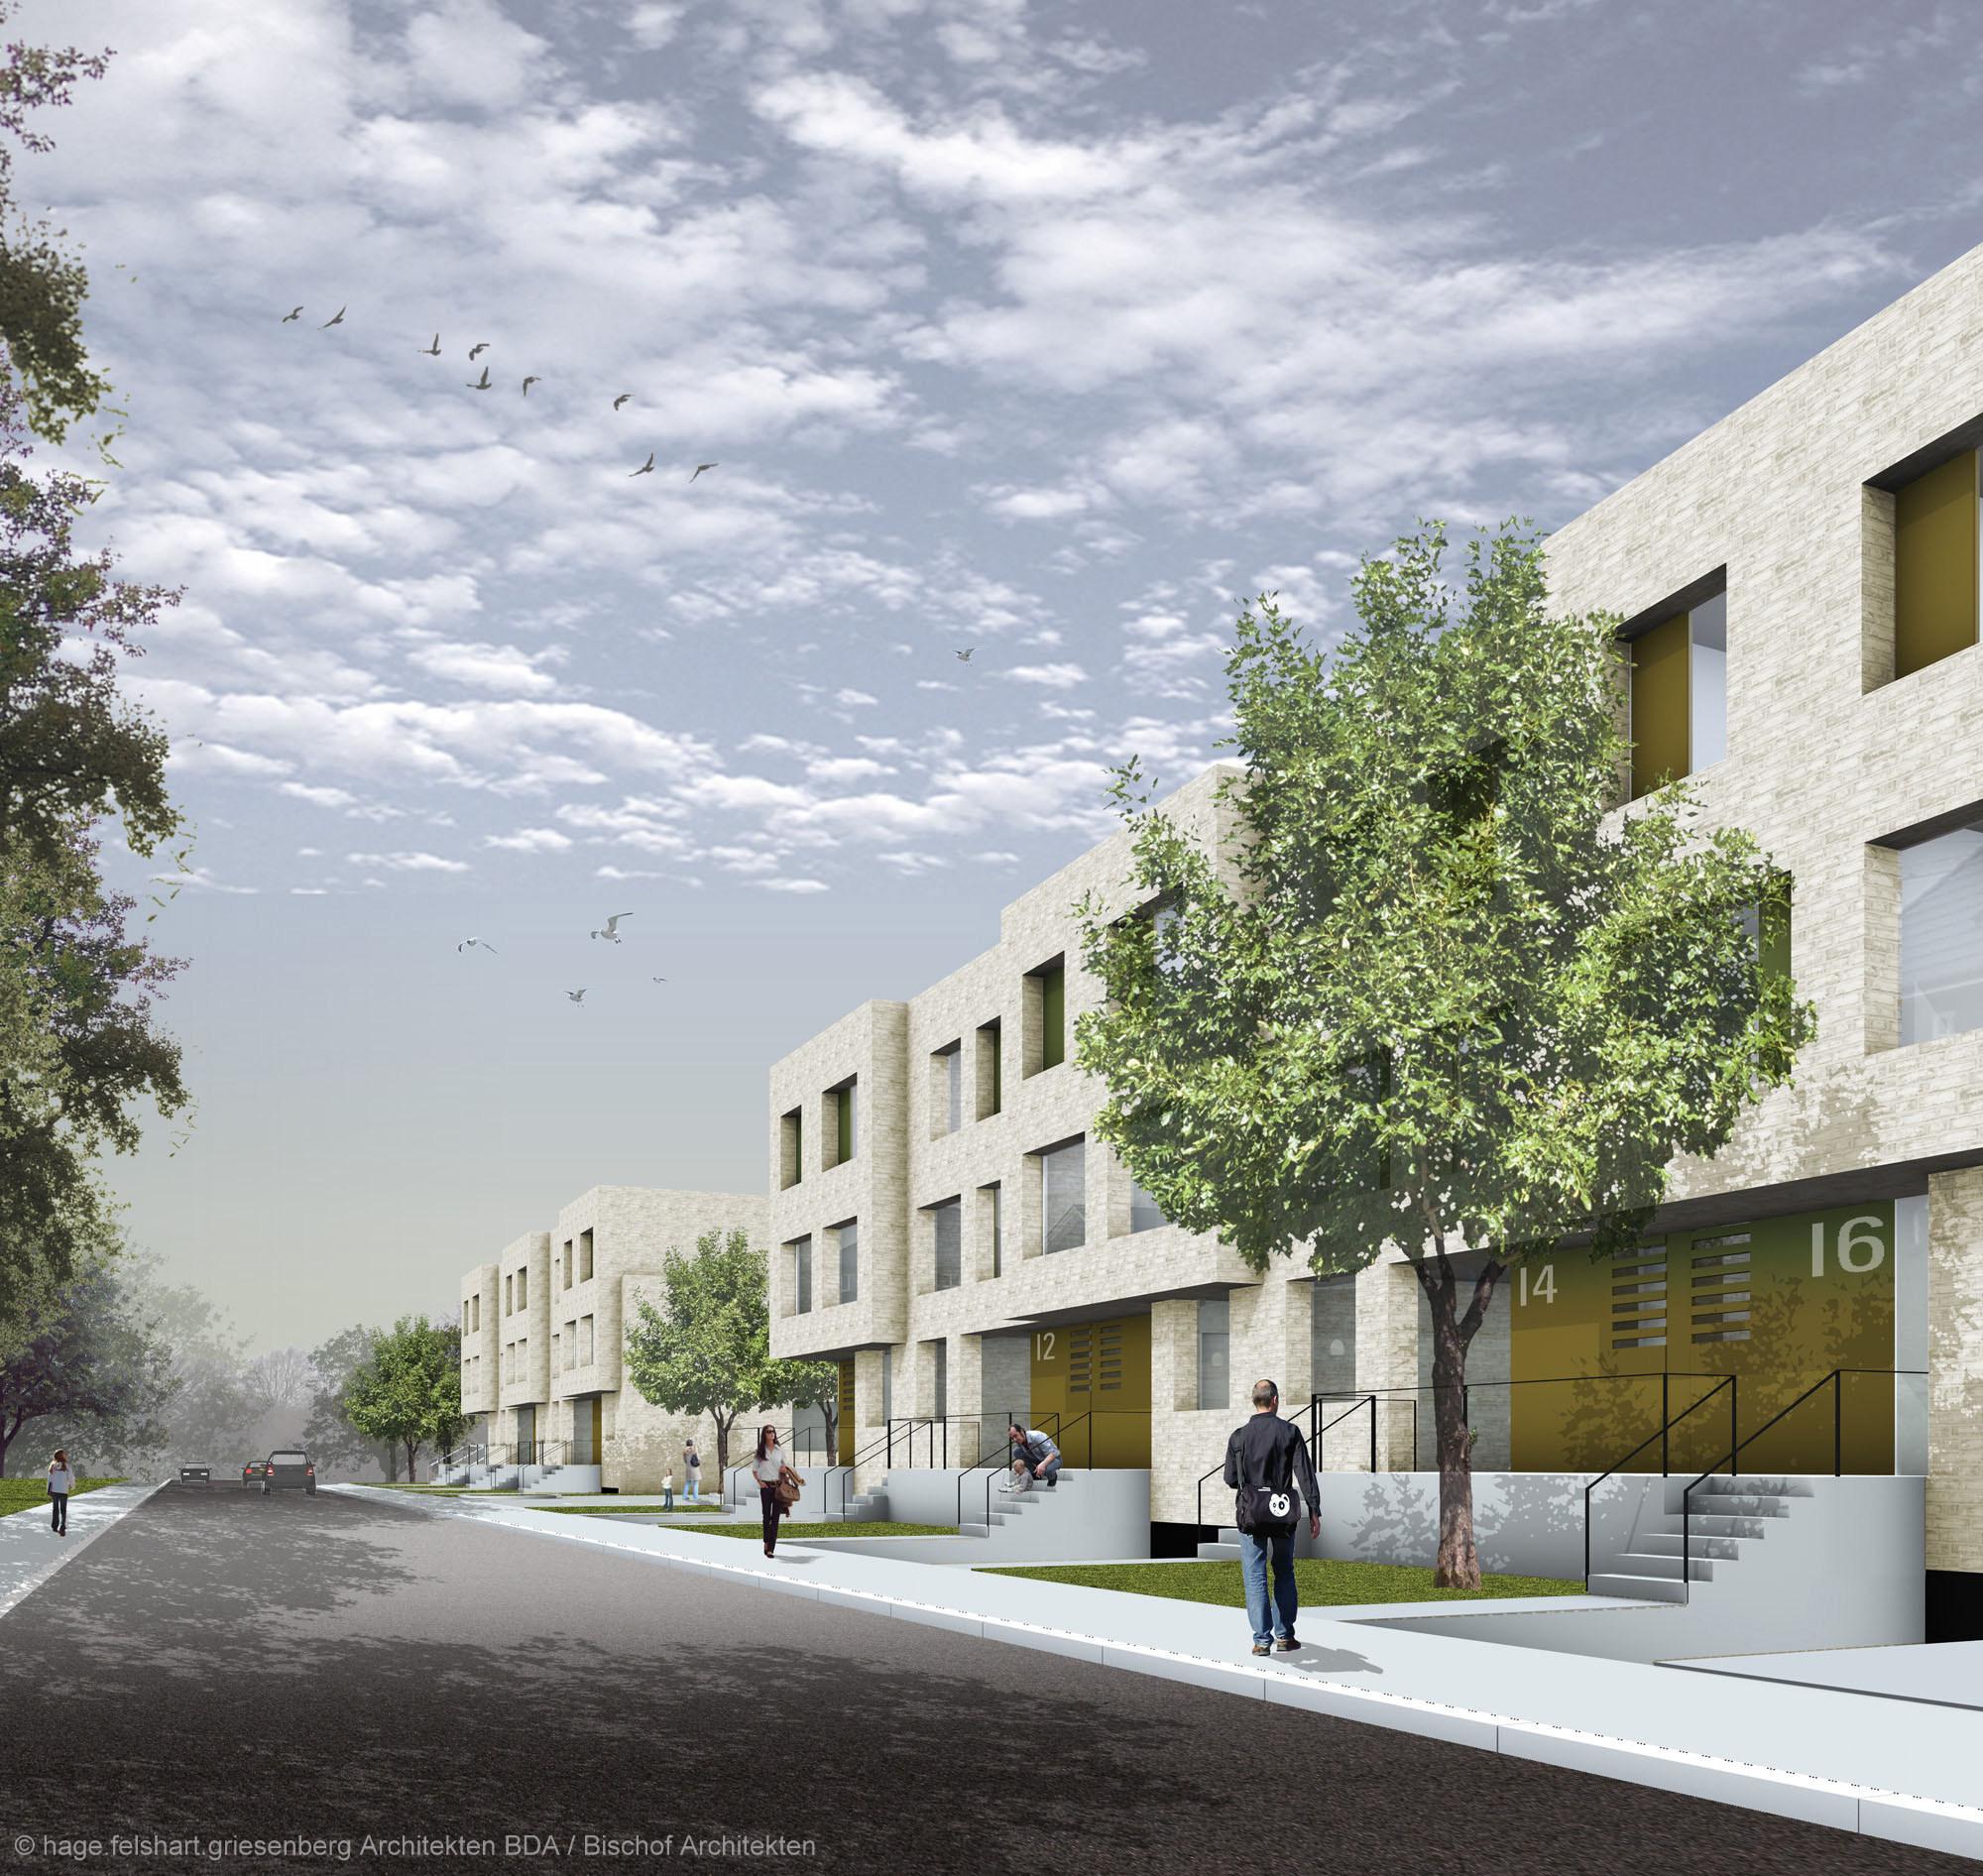 Errichtung von 33 stadth usern bruch suhr architekten - Architekten lubeck ...